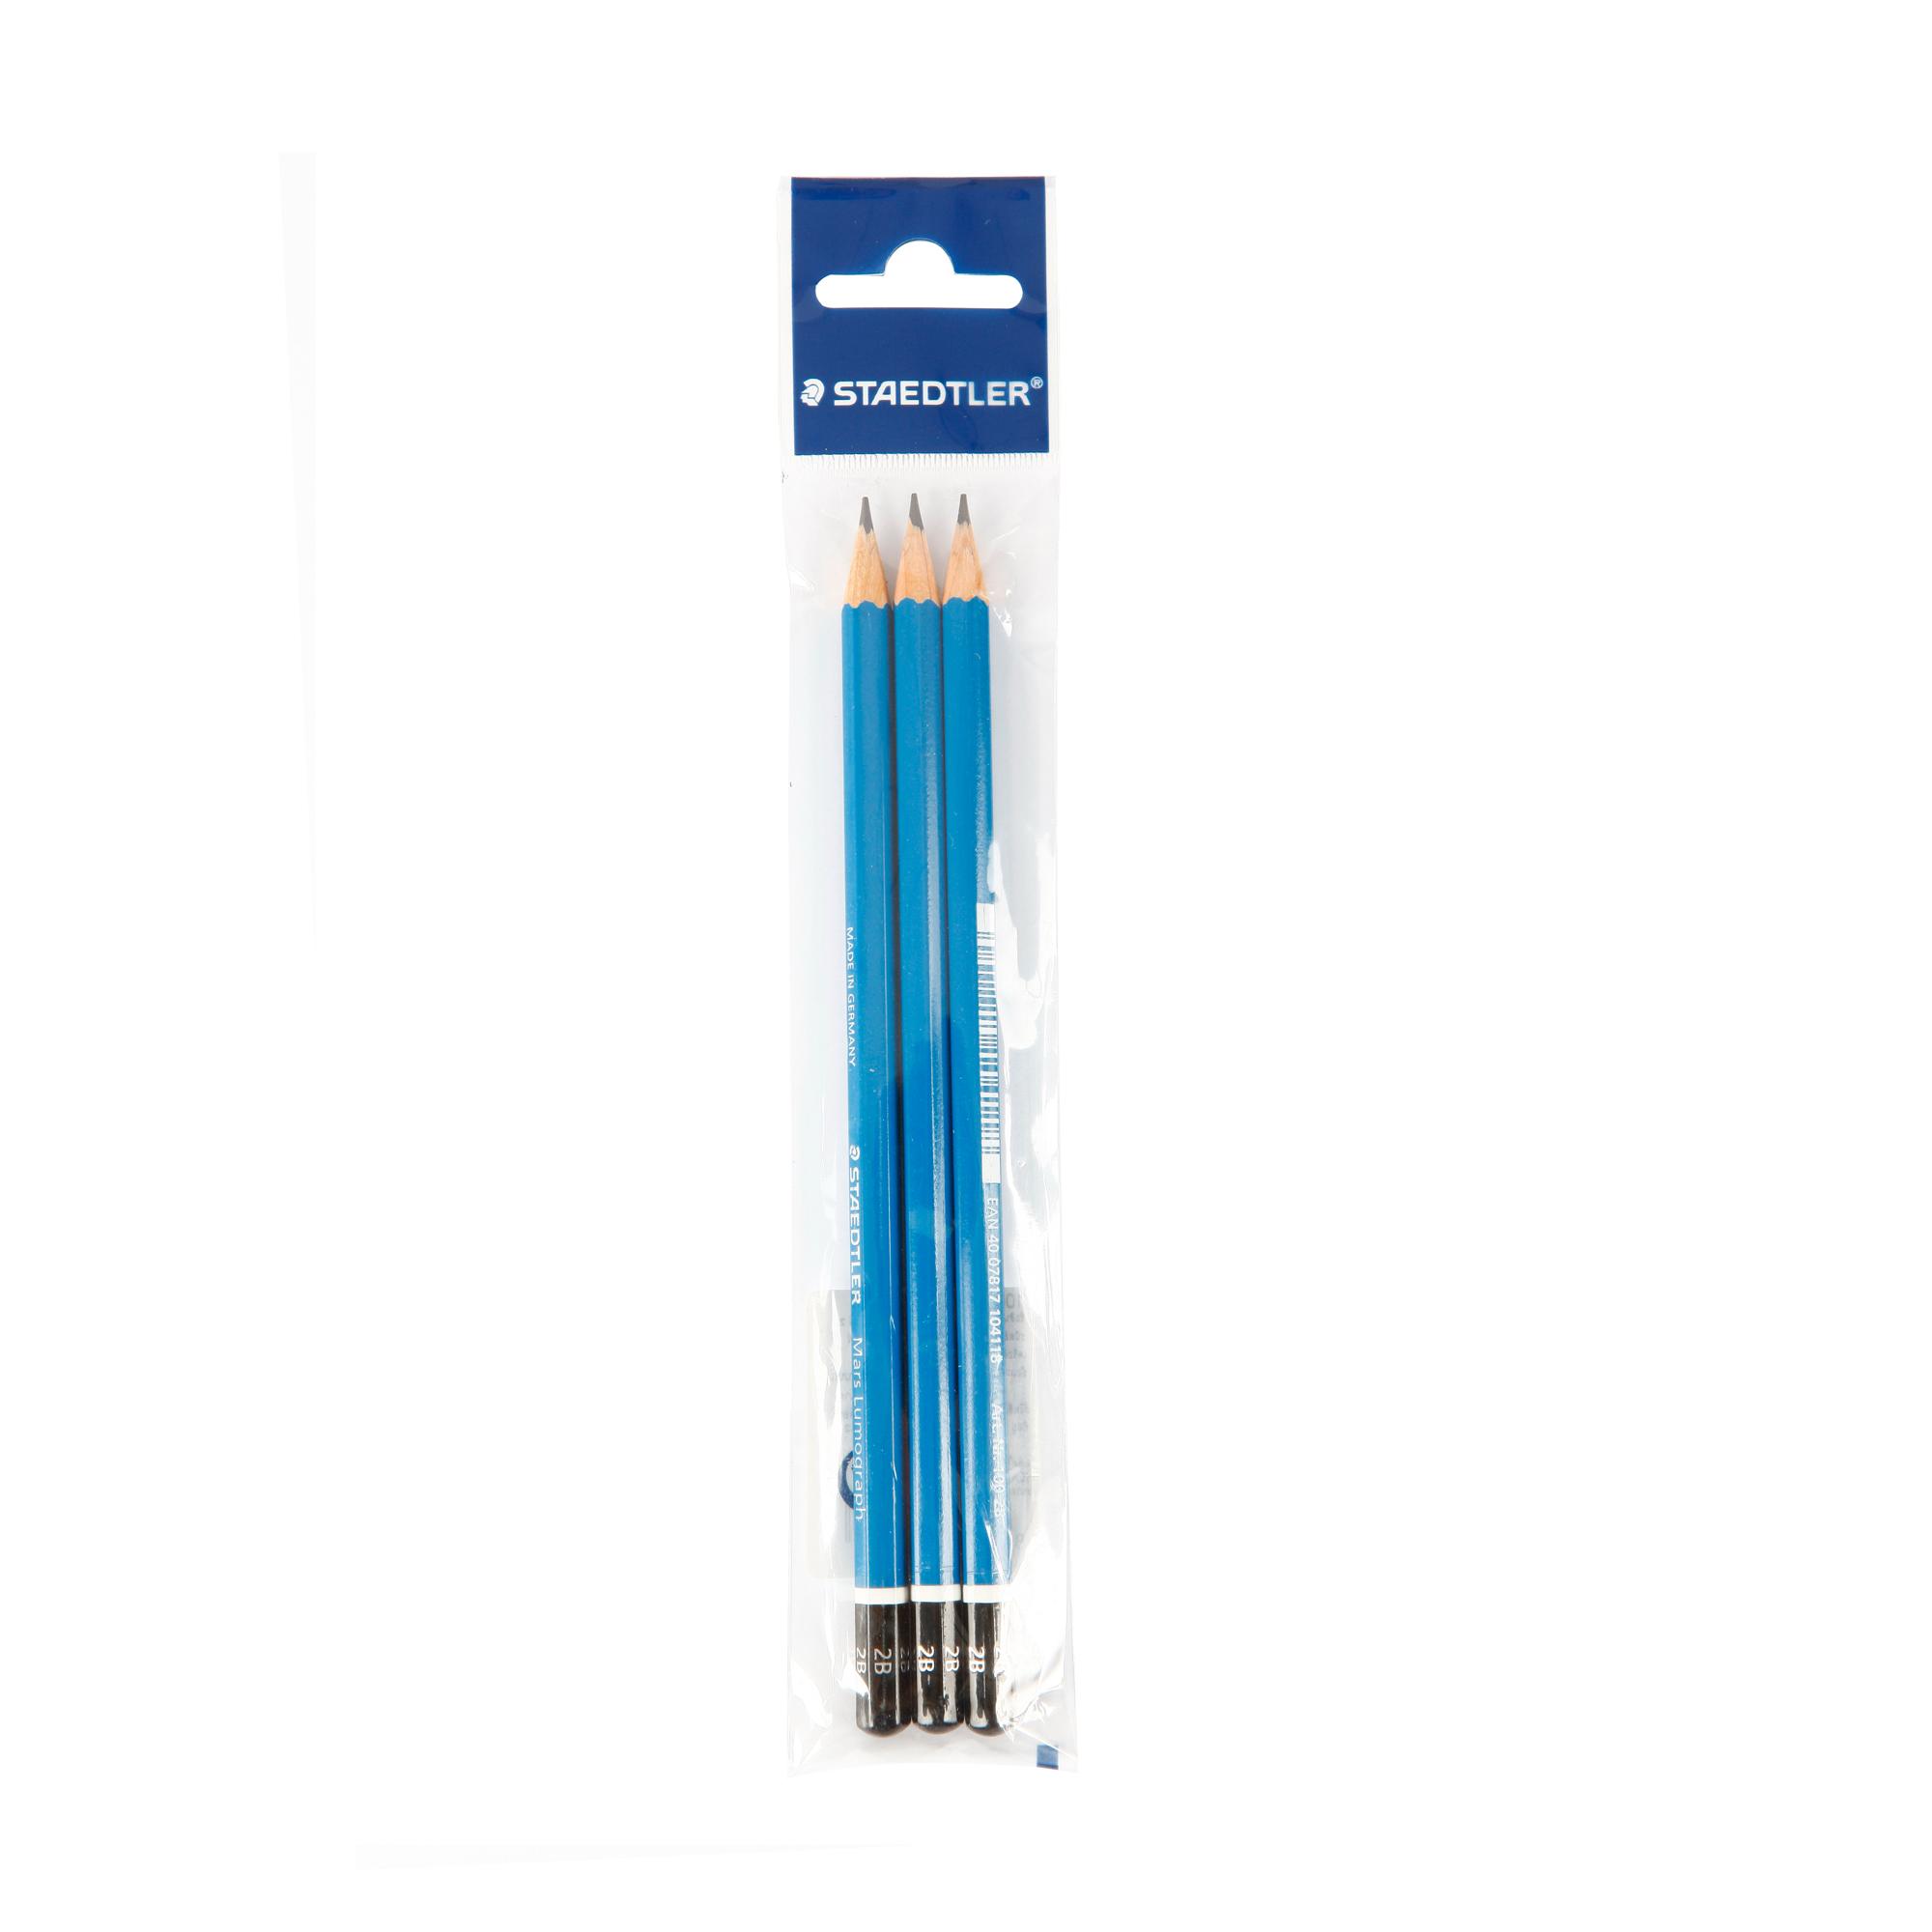 ดินสอเขียนแบบ 2B STAEDTLER  Lumograph